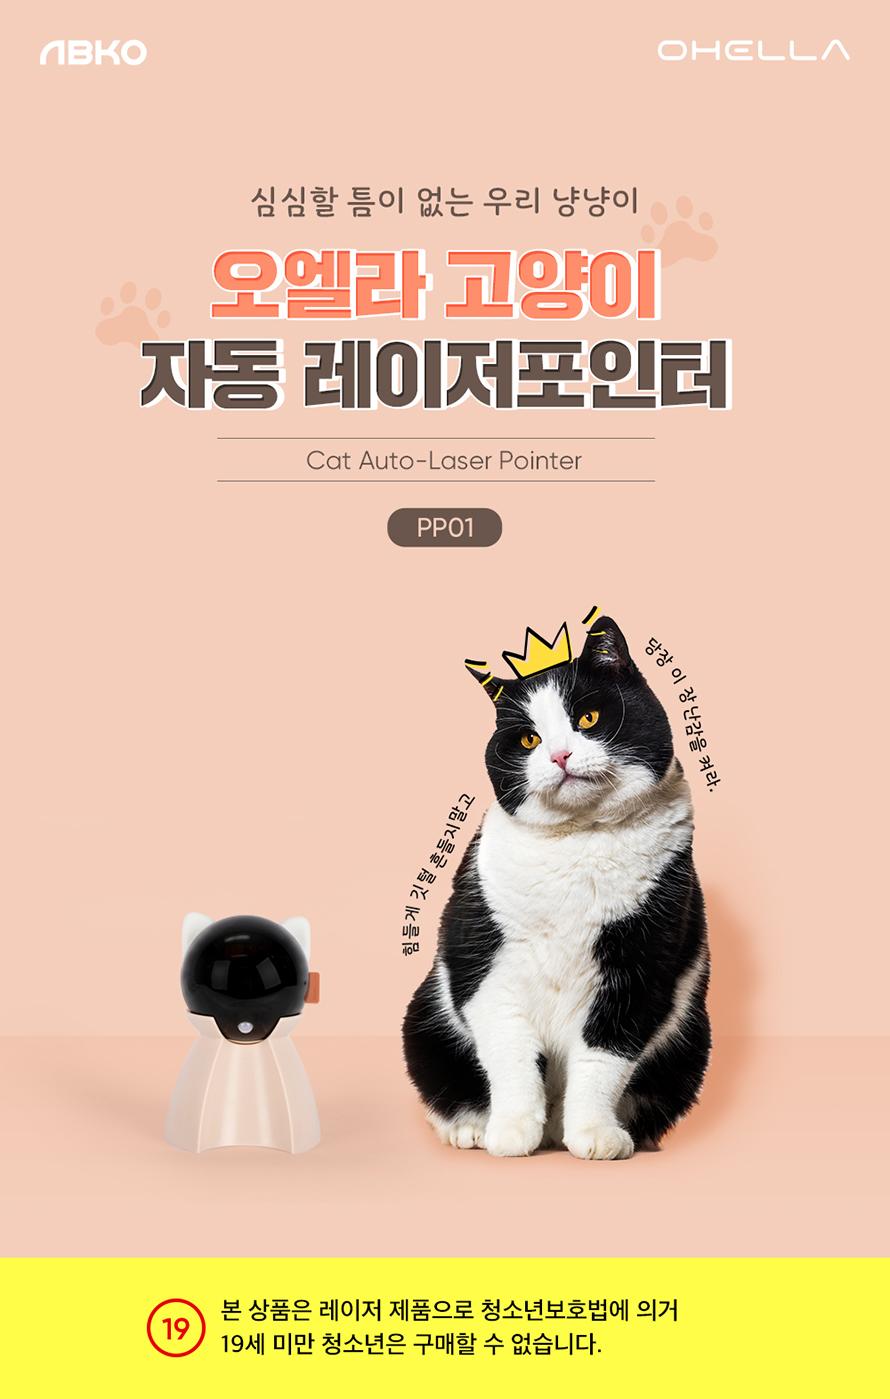 앱코 오엘라 고양이 자동 레이저 포인트 PP01